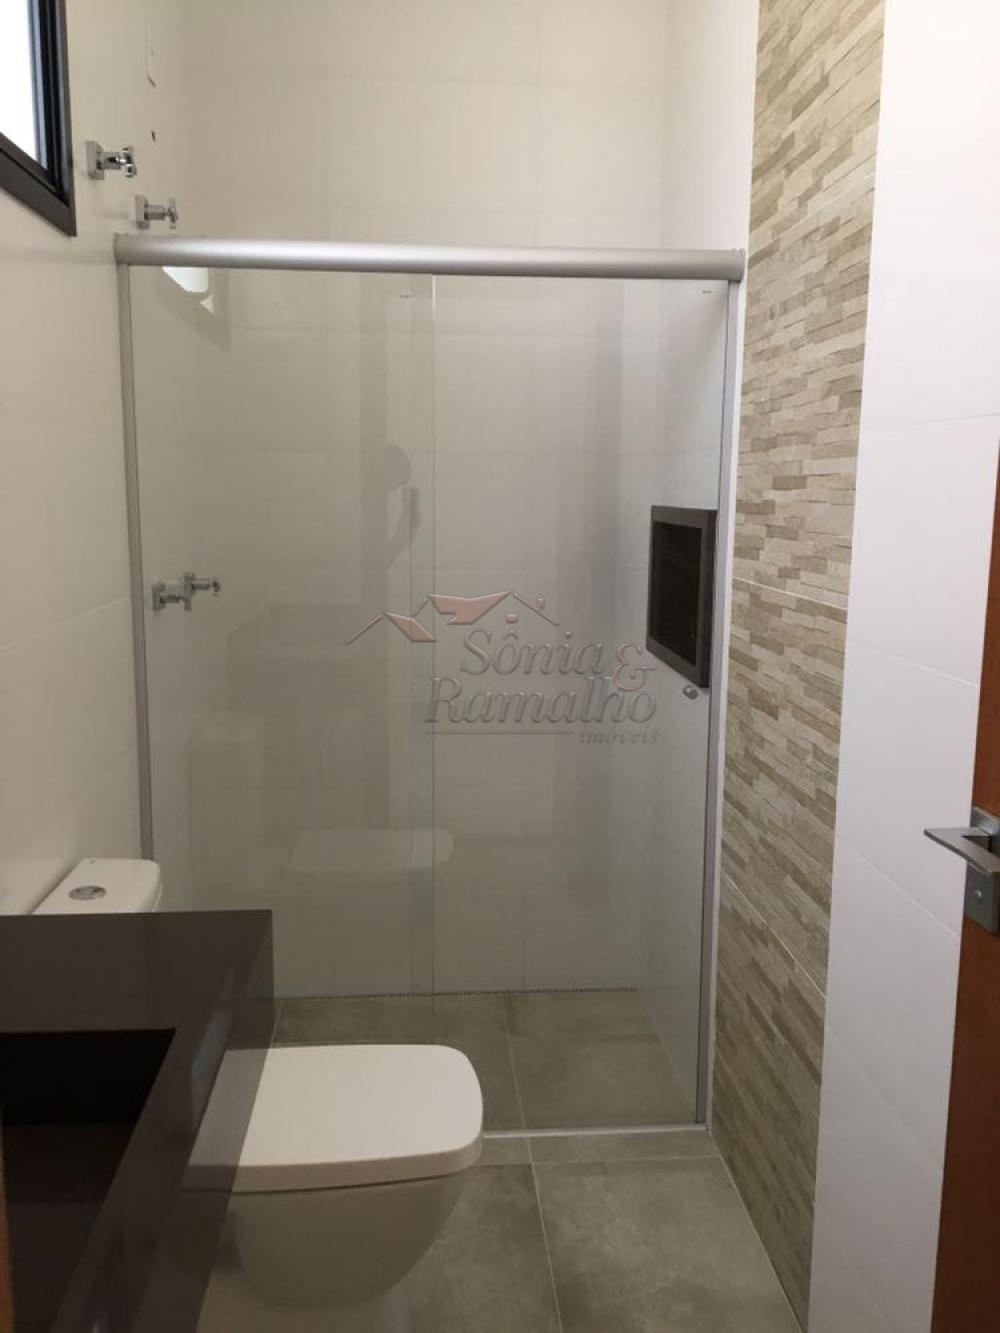 Comprar Casas / Condomínio em Ribeirão Preto apenas R$ 640.000,00 - Foto 17